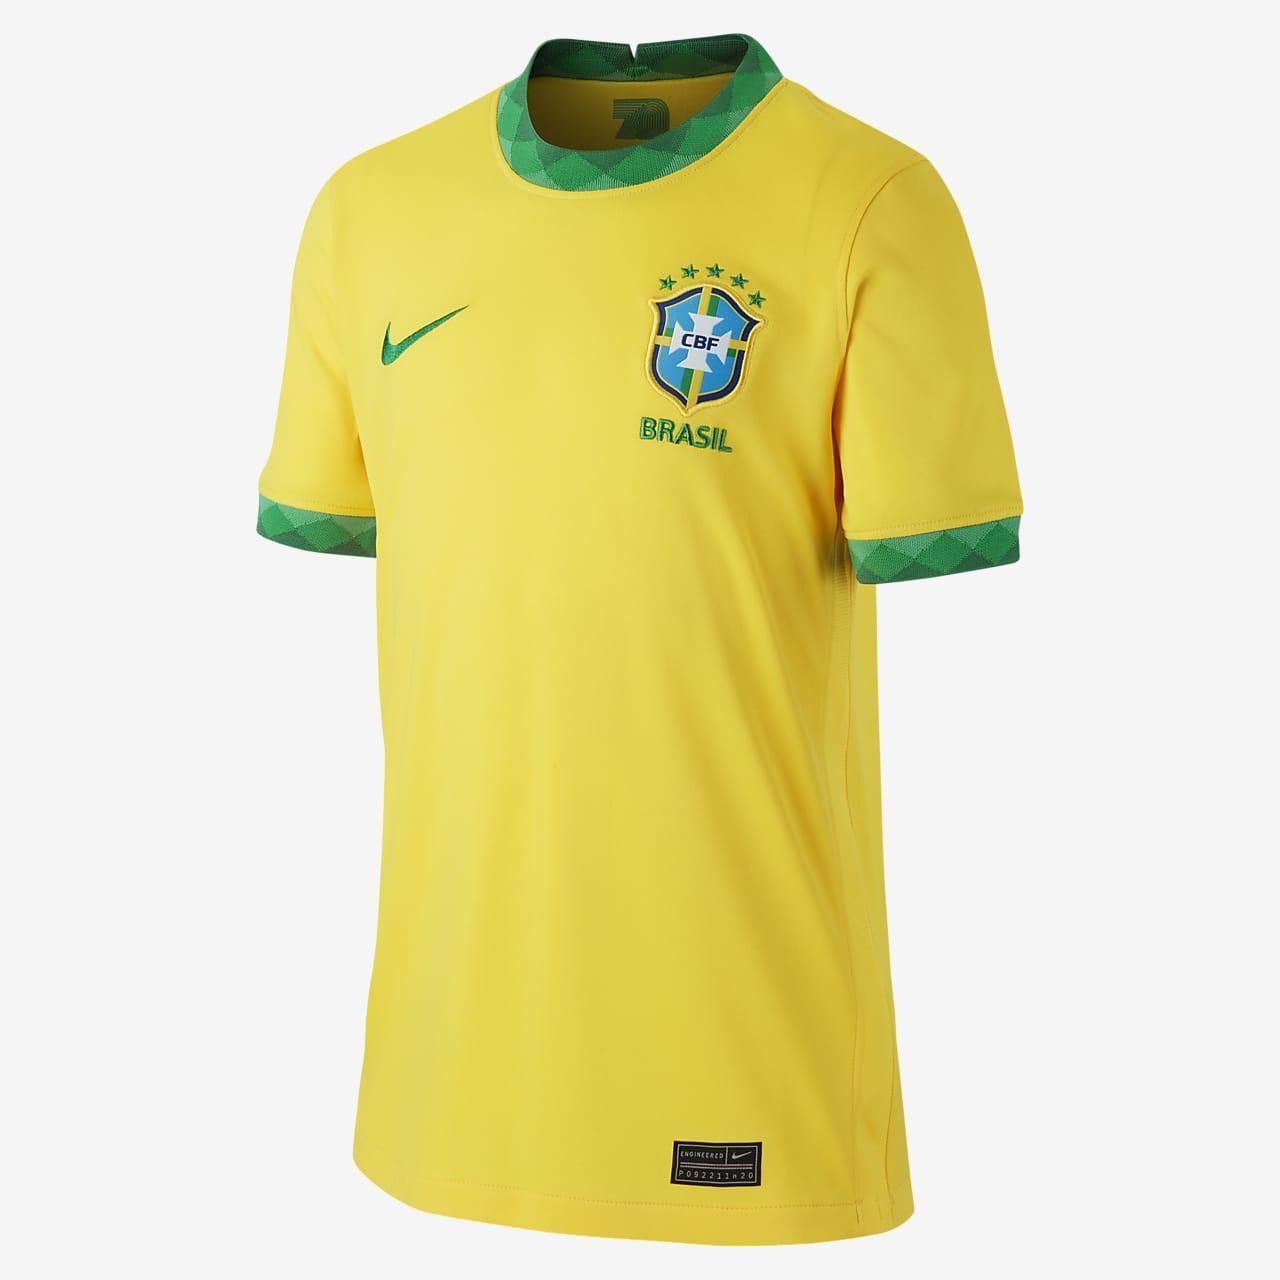 ブラジル 2020 スタジアム ホーム ジュニア サッカーユニフォーム